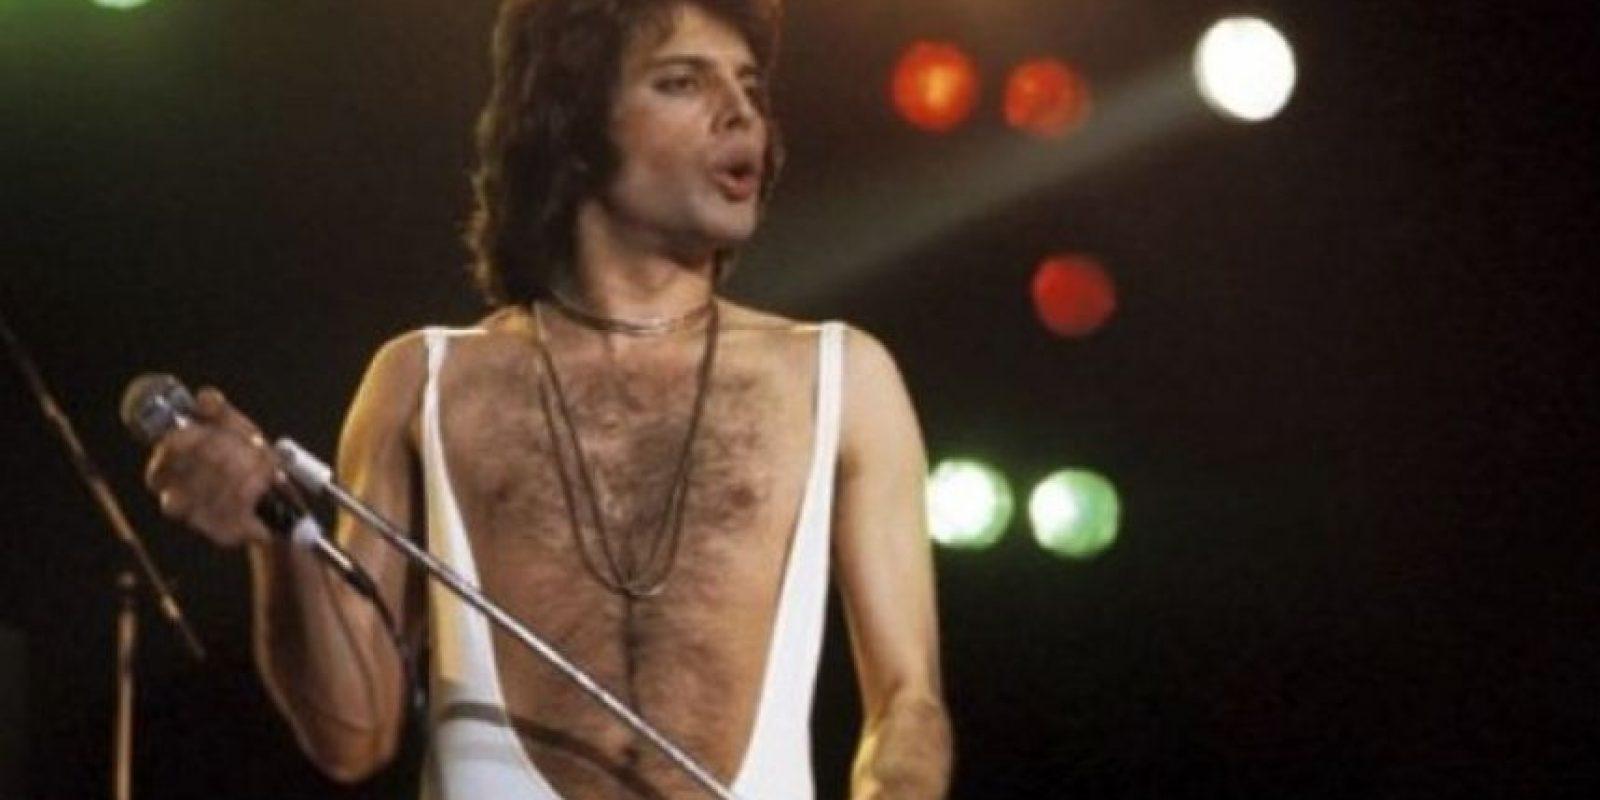 El vocalista de Queen murió en Reino Unido, el 24 de noviembre de 1992 Foto:IMDb